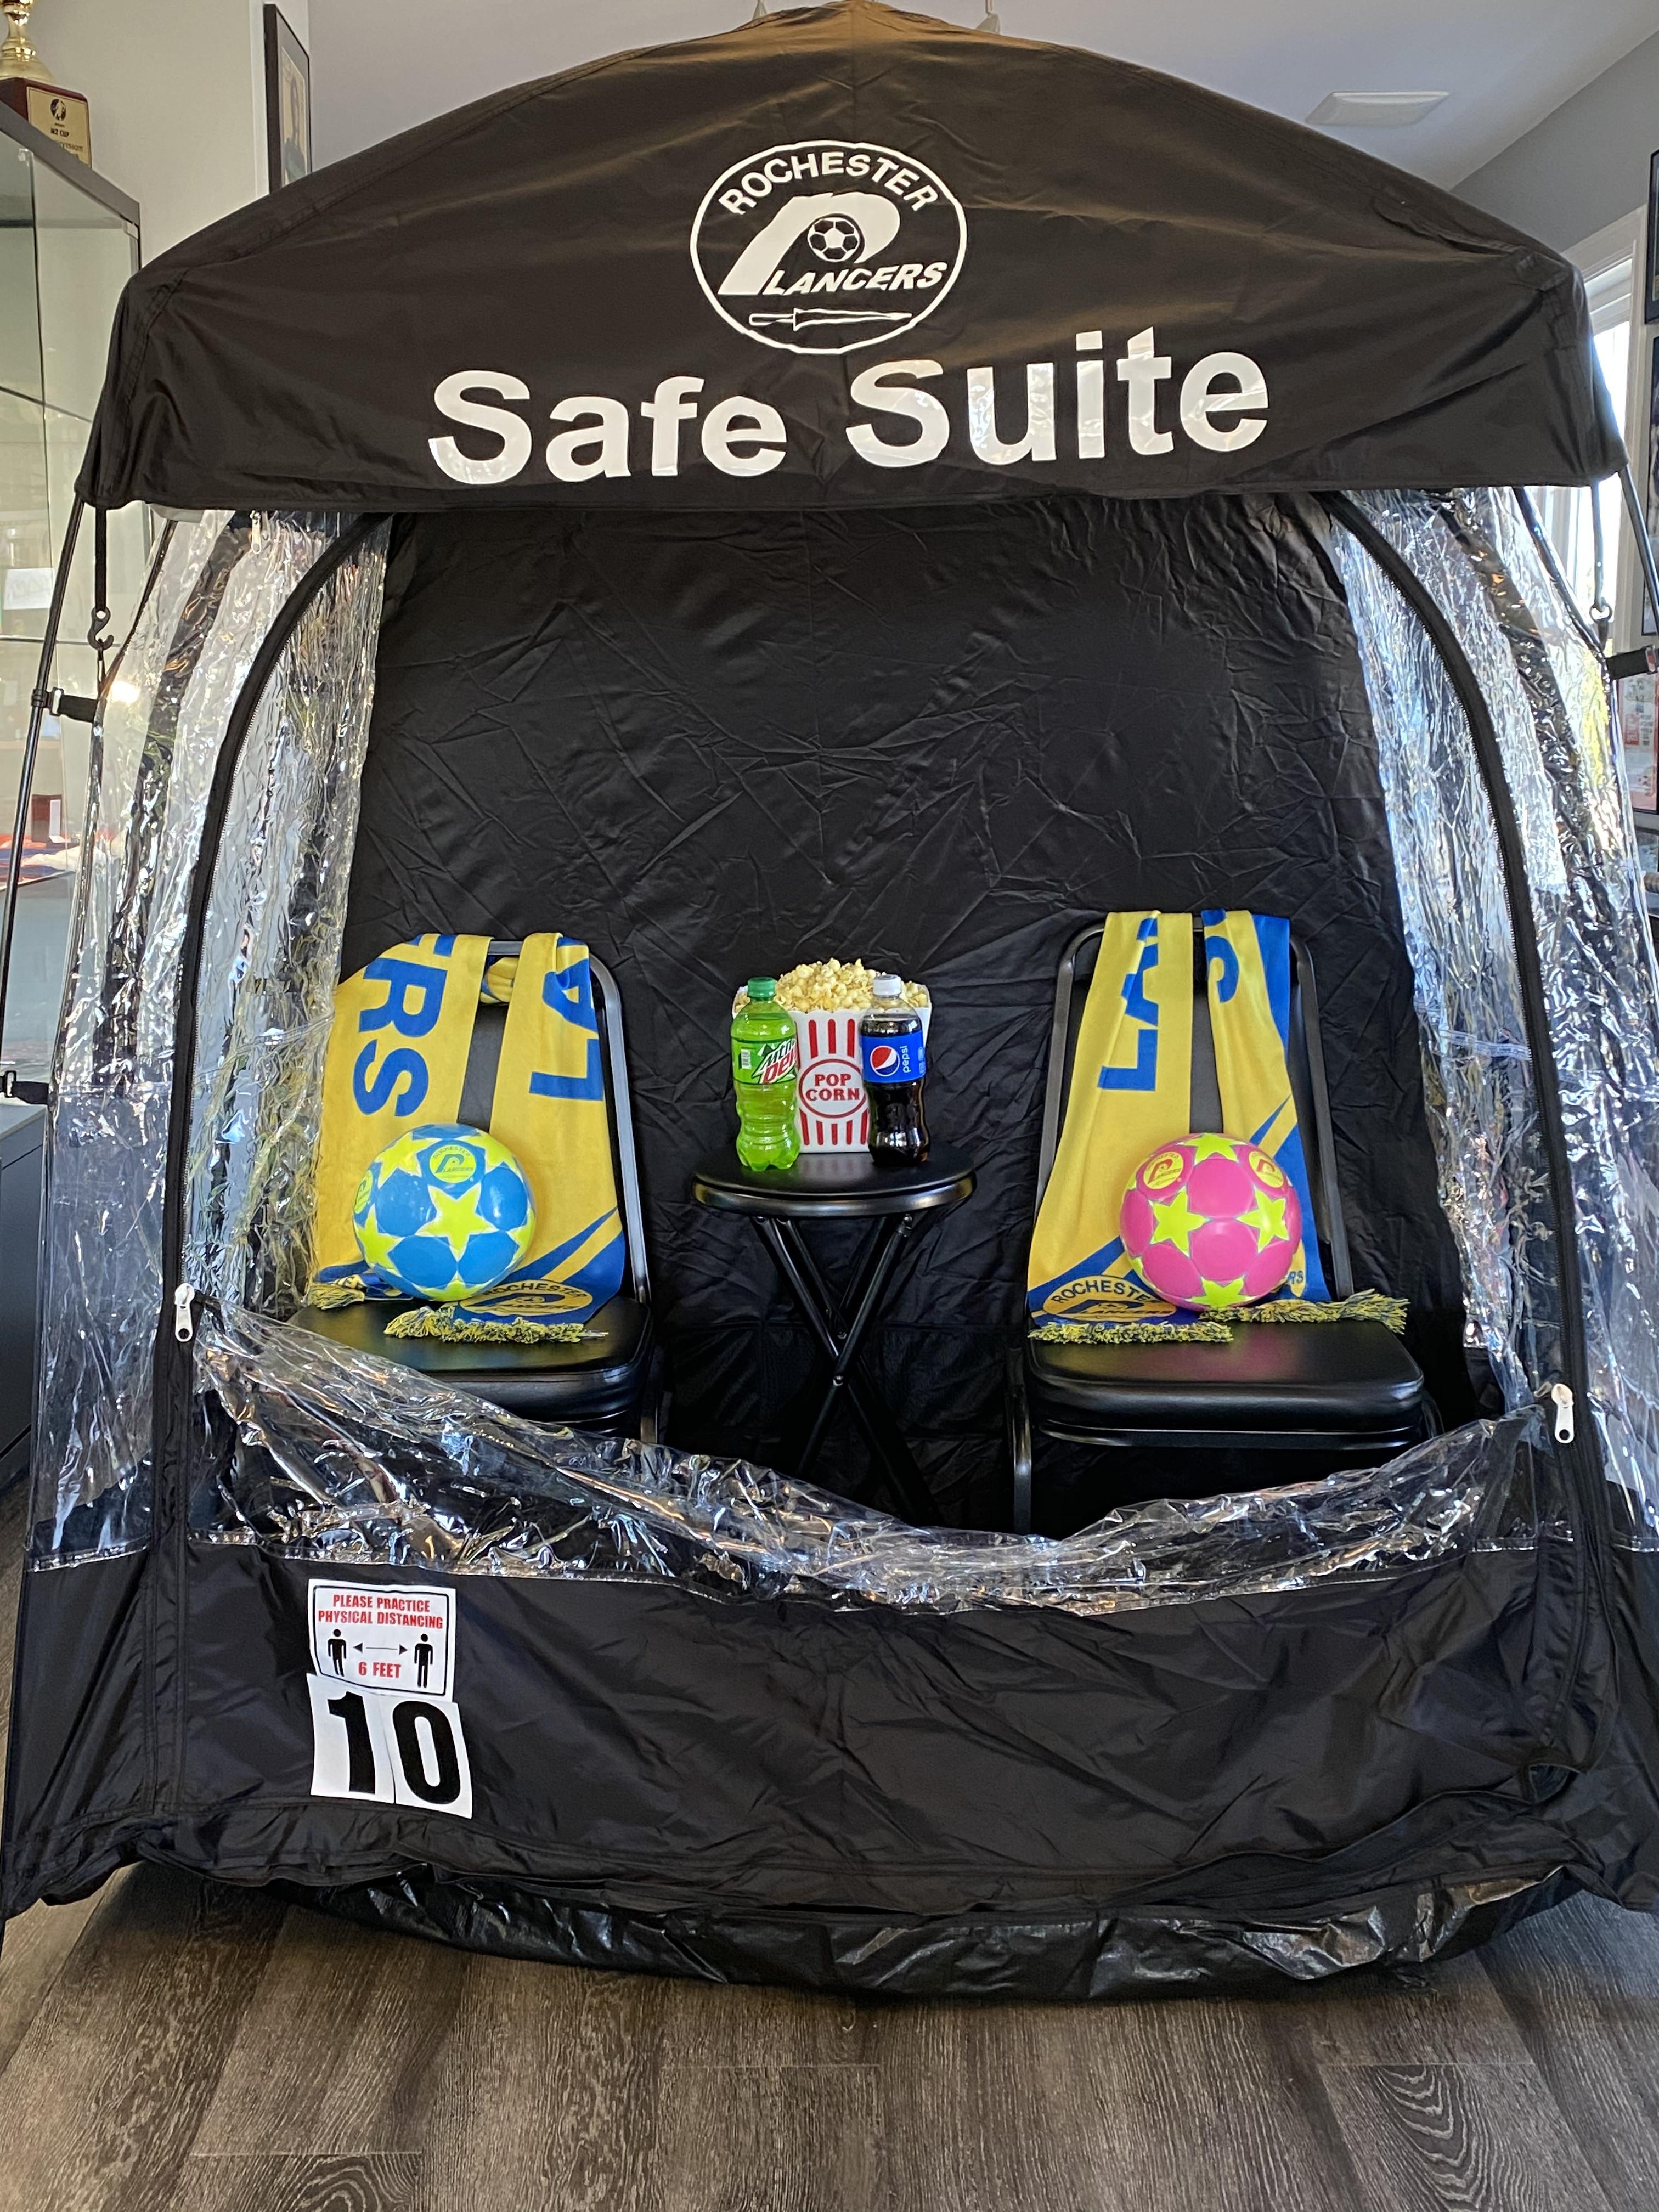 Lancers Safe Suite